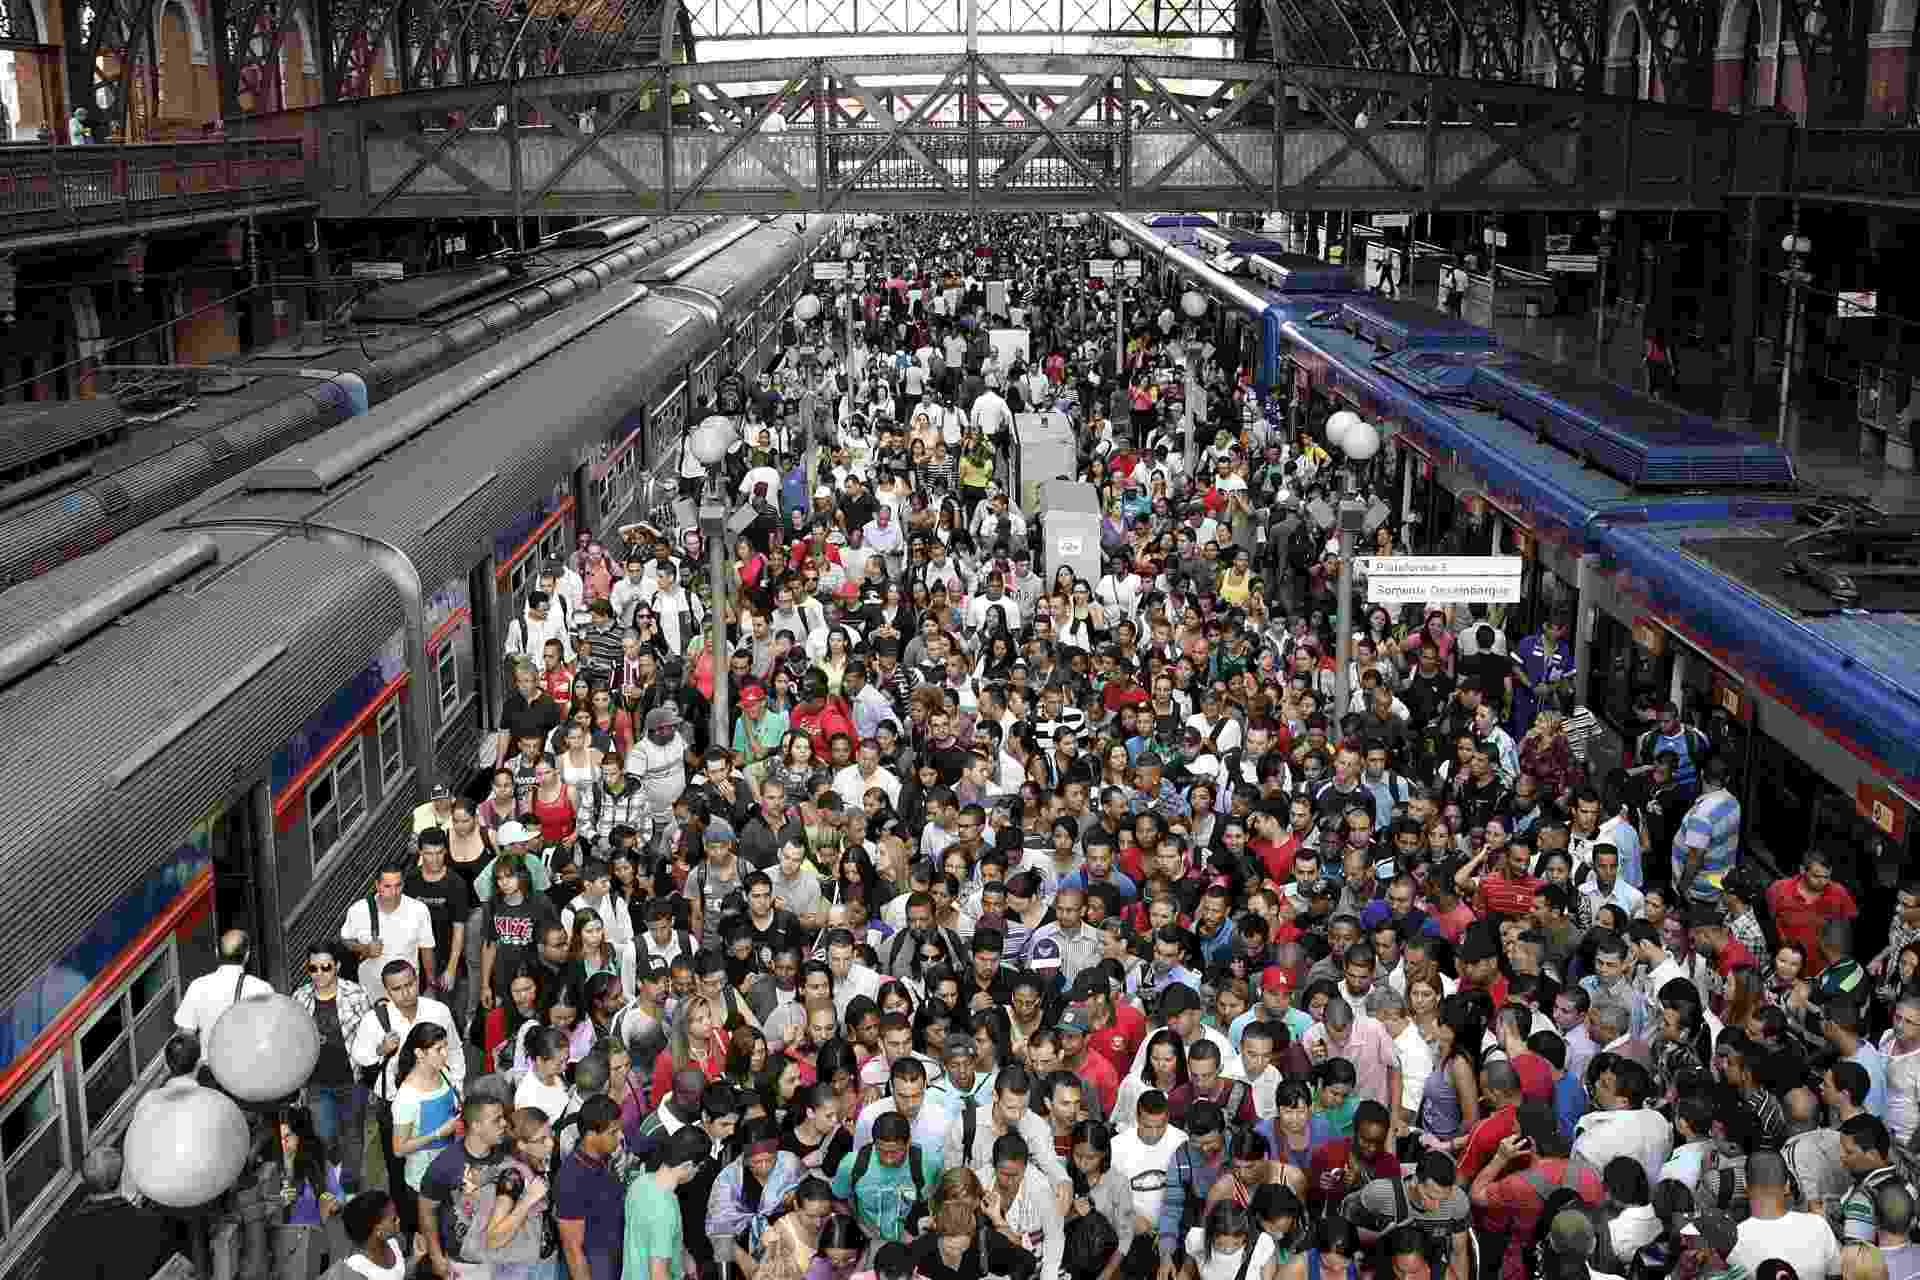 28.fev.2013 - Estação Luz do metrô de São Paulo lotada no início da manhã desta quinta-feira (28), após falha que obrigou os trens a circularem com velocidade reduzida - Marcelo Alves/ASI/Agência O Globo.